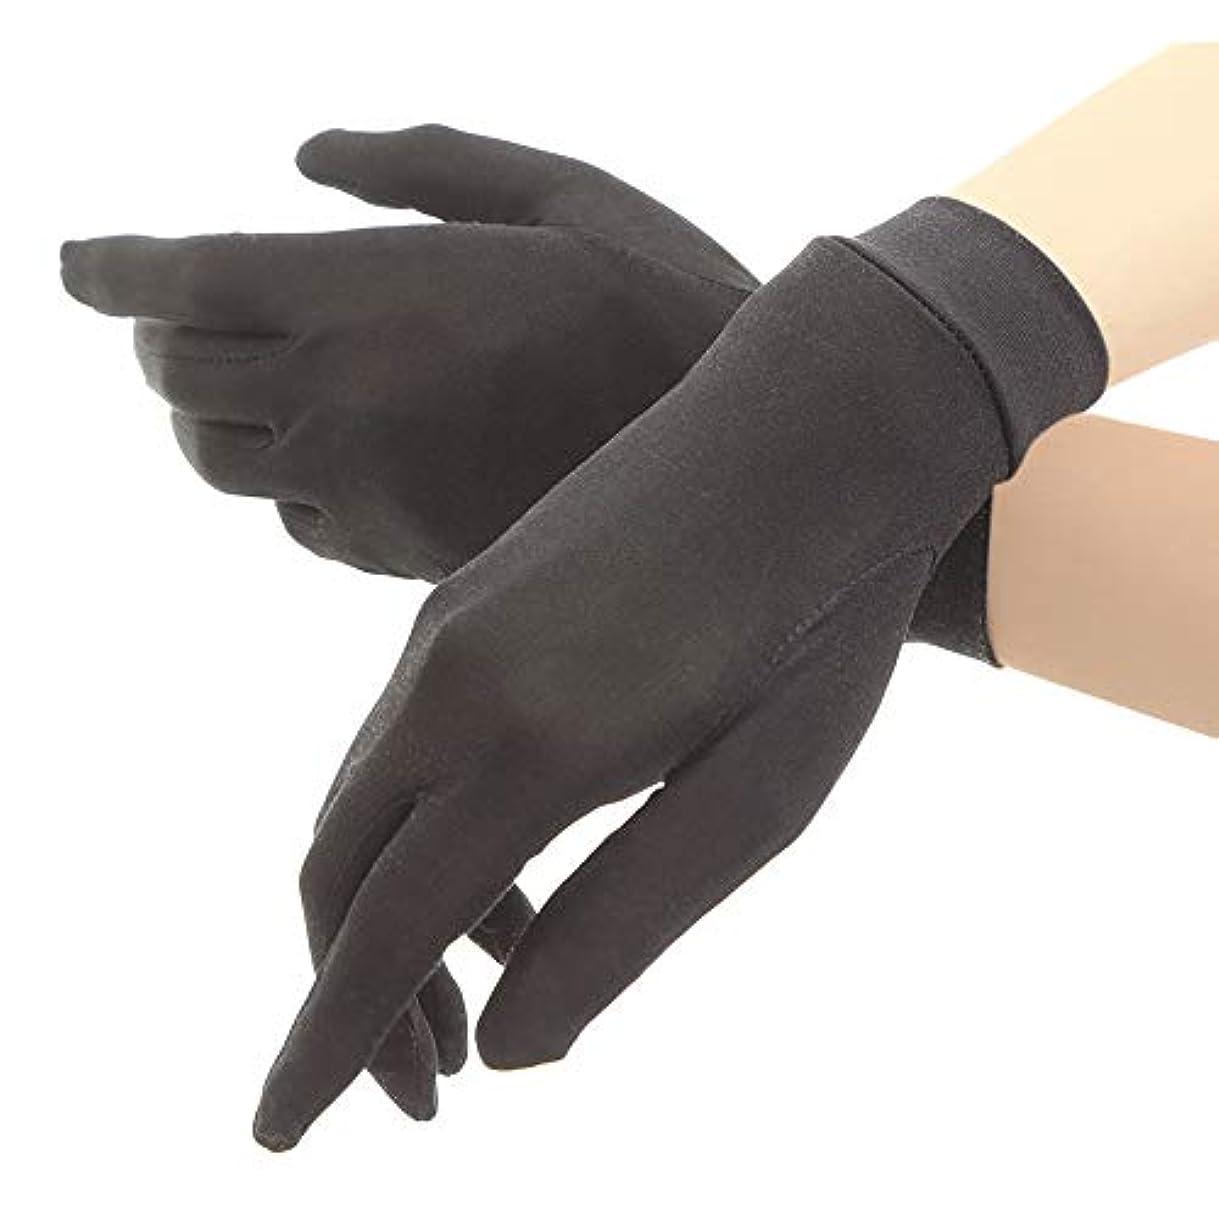 現代の中級コンパスシルク手袋 レディース 手袋 シルク 絹 ハンド ケア 保湿 紫外線 肌荒れ 乾燥 サイズアップで手指にマッチ 【macch】